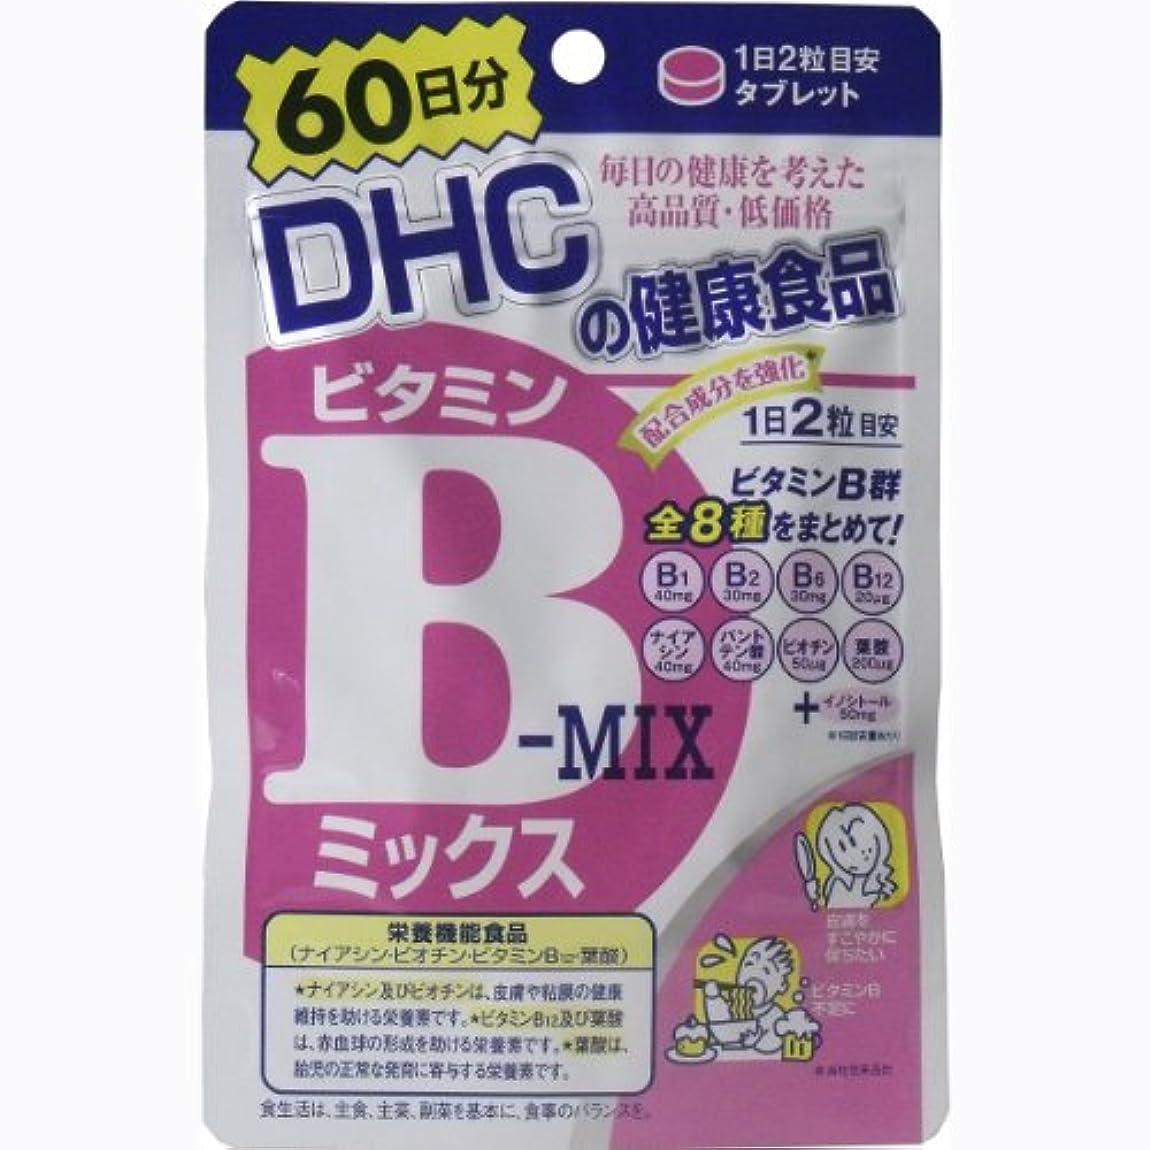 トライアスリート砂利移植DHC ビタミンBミックス 120粒(60日分)×2個セット